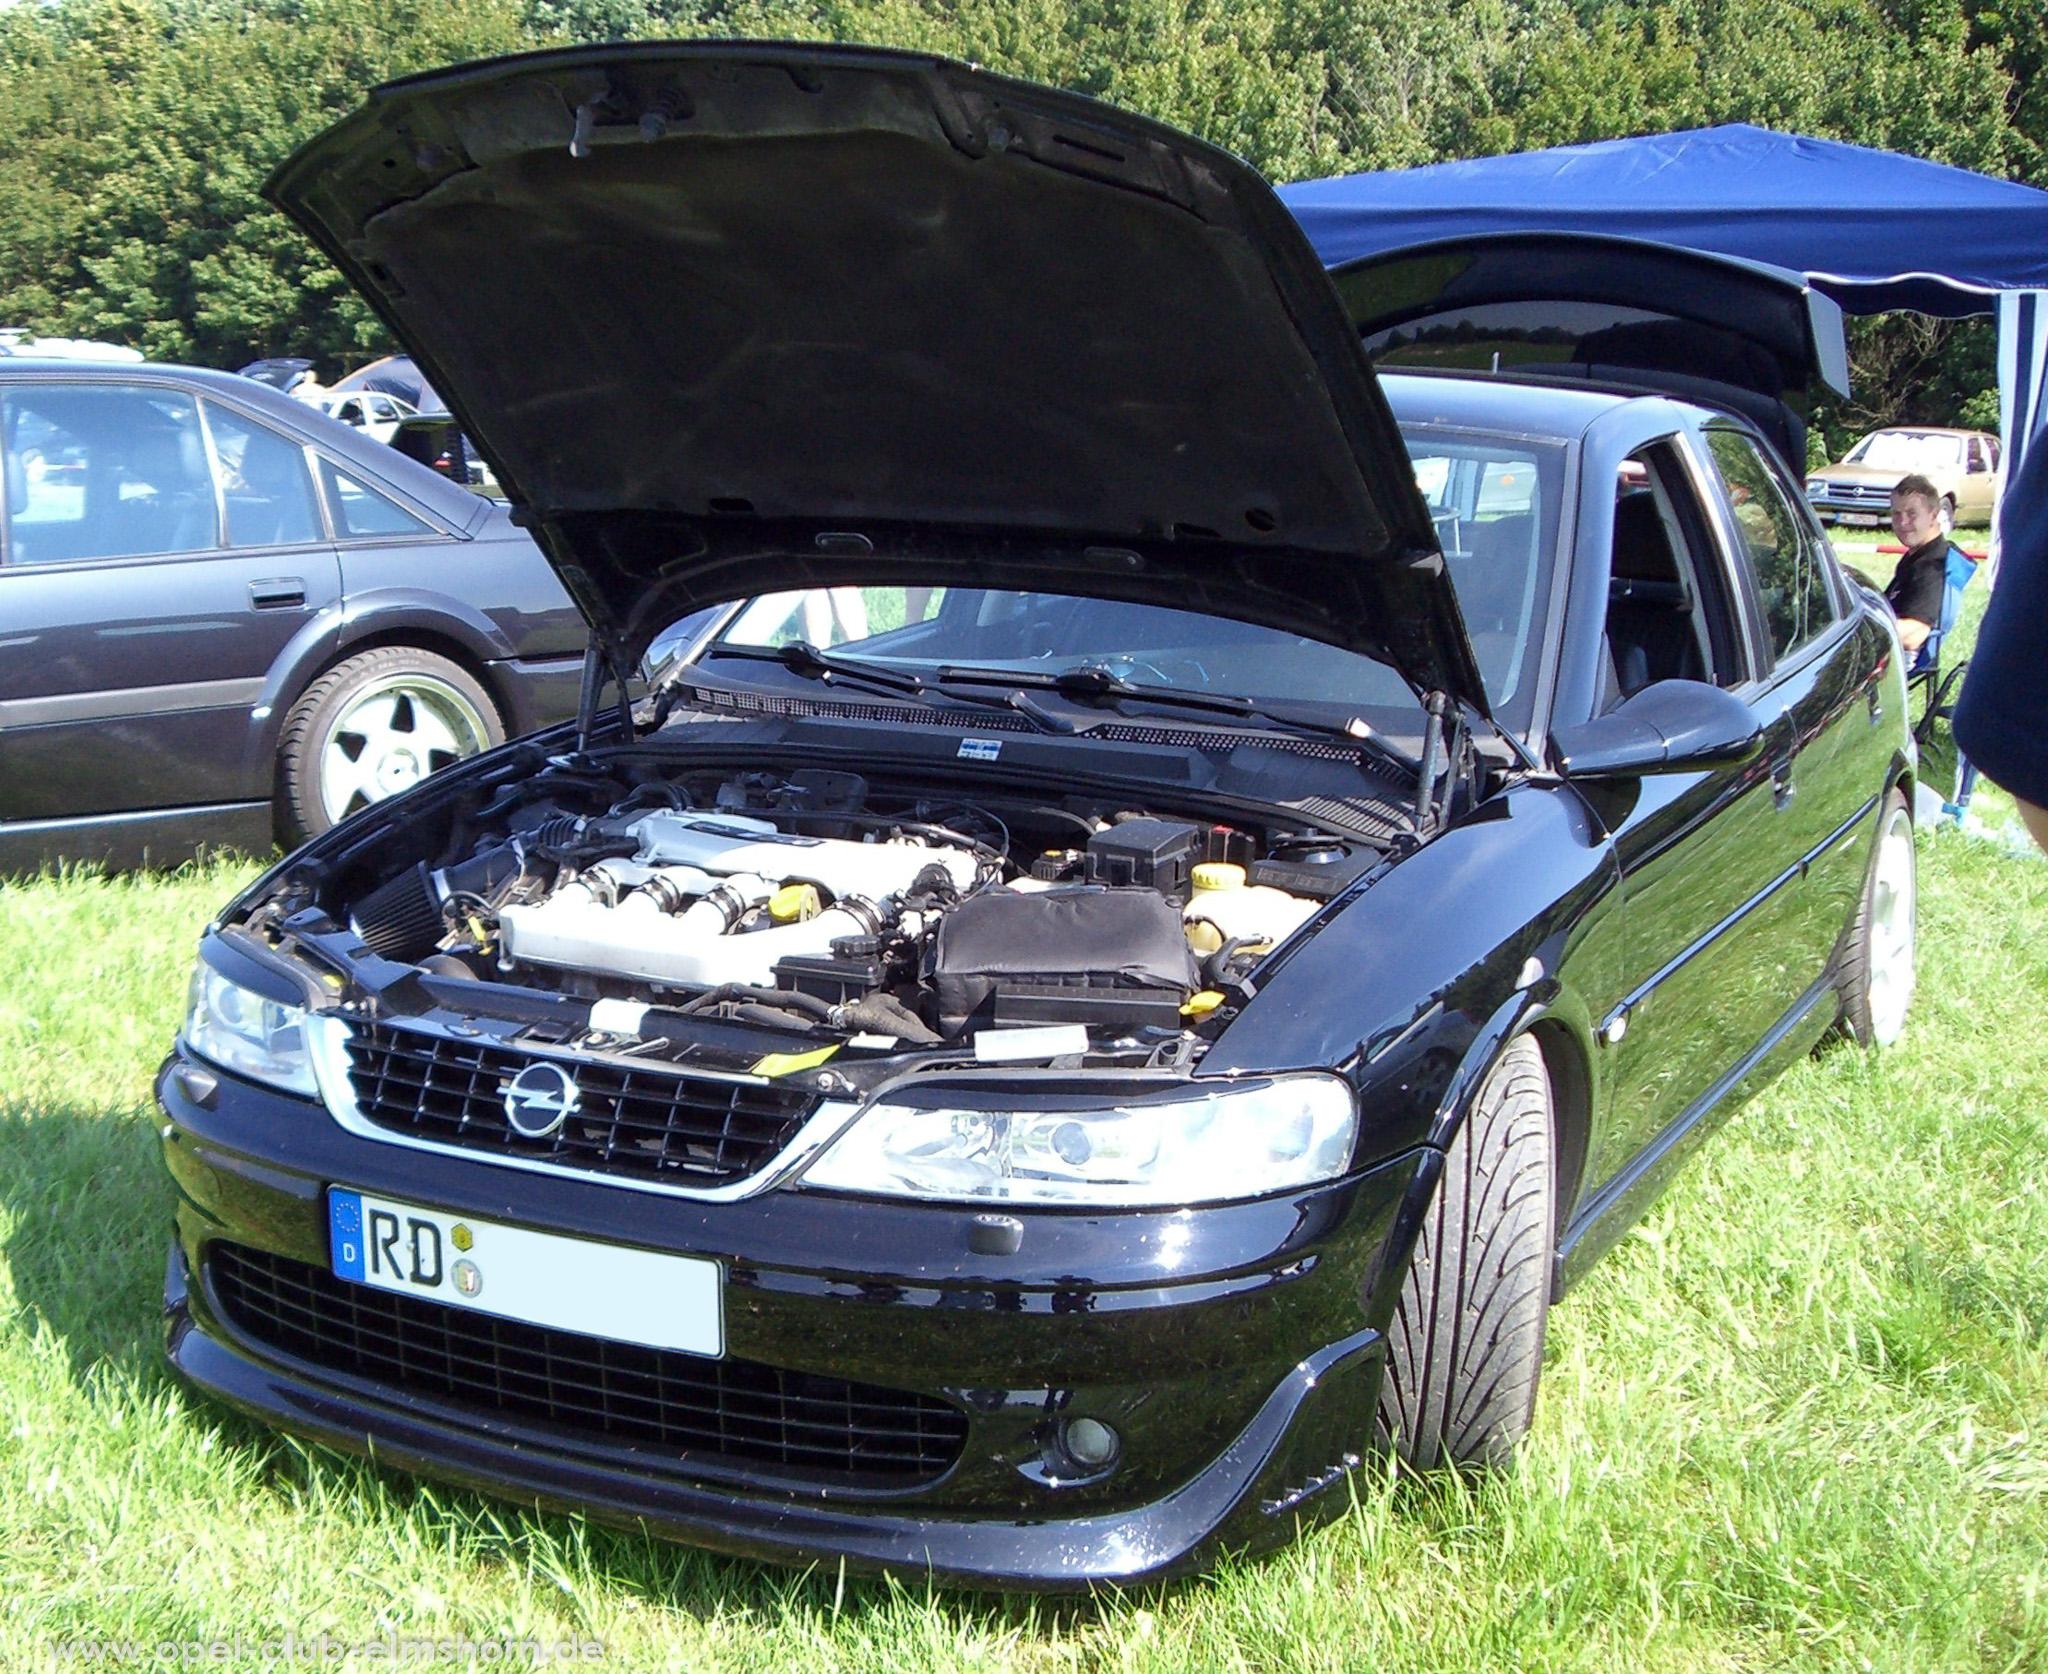 Opeltreffen Brunsbüttel Opelfreunde 2008 - 20080704_162211 - Vectra B i500